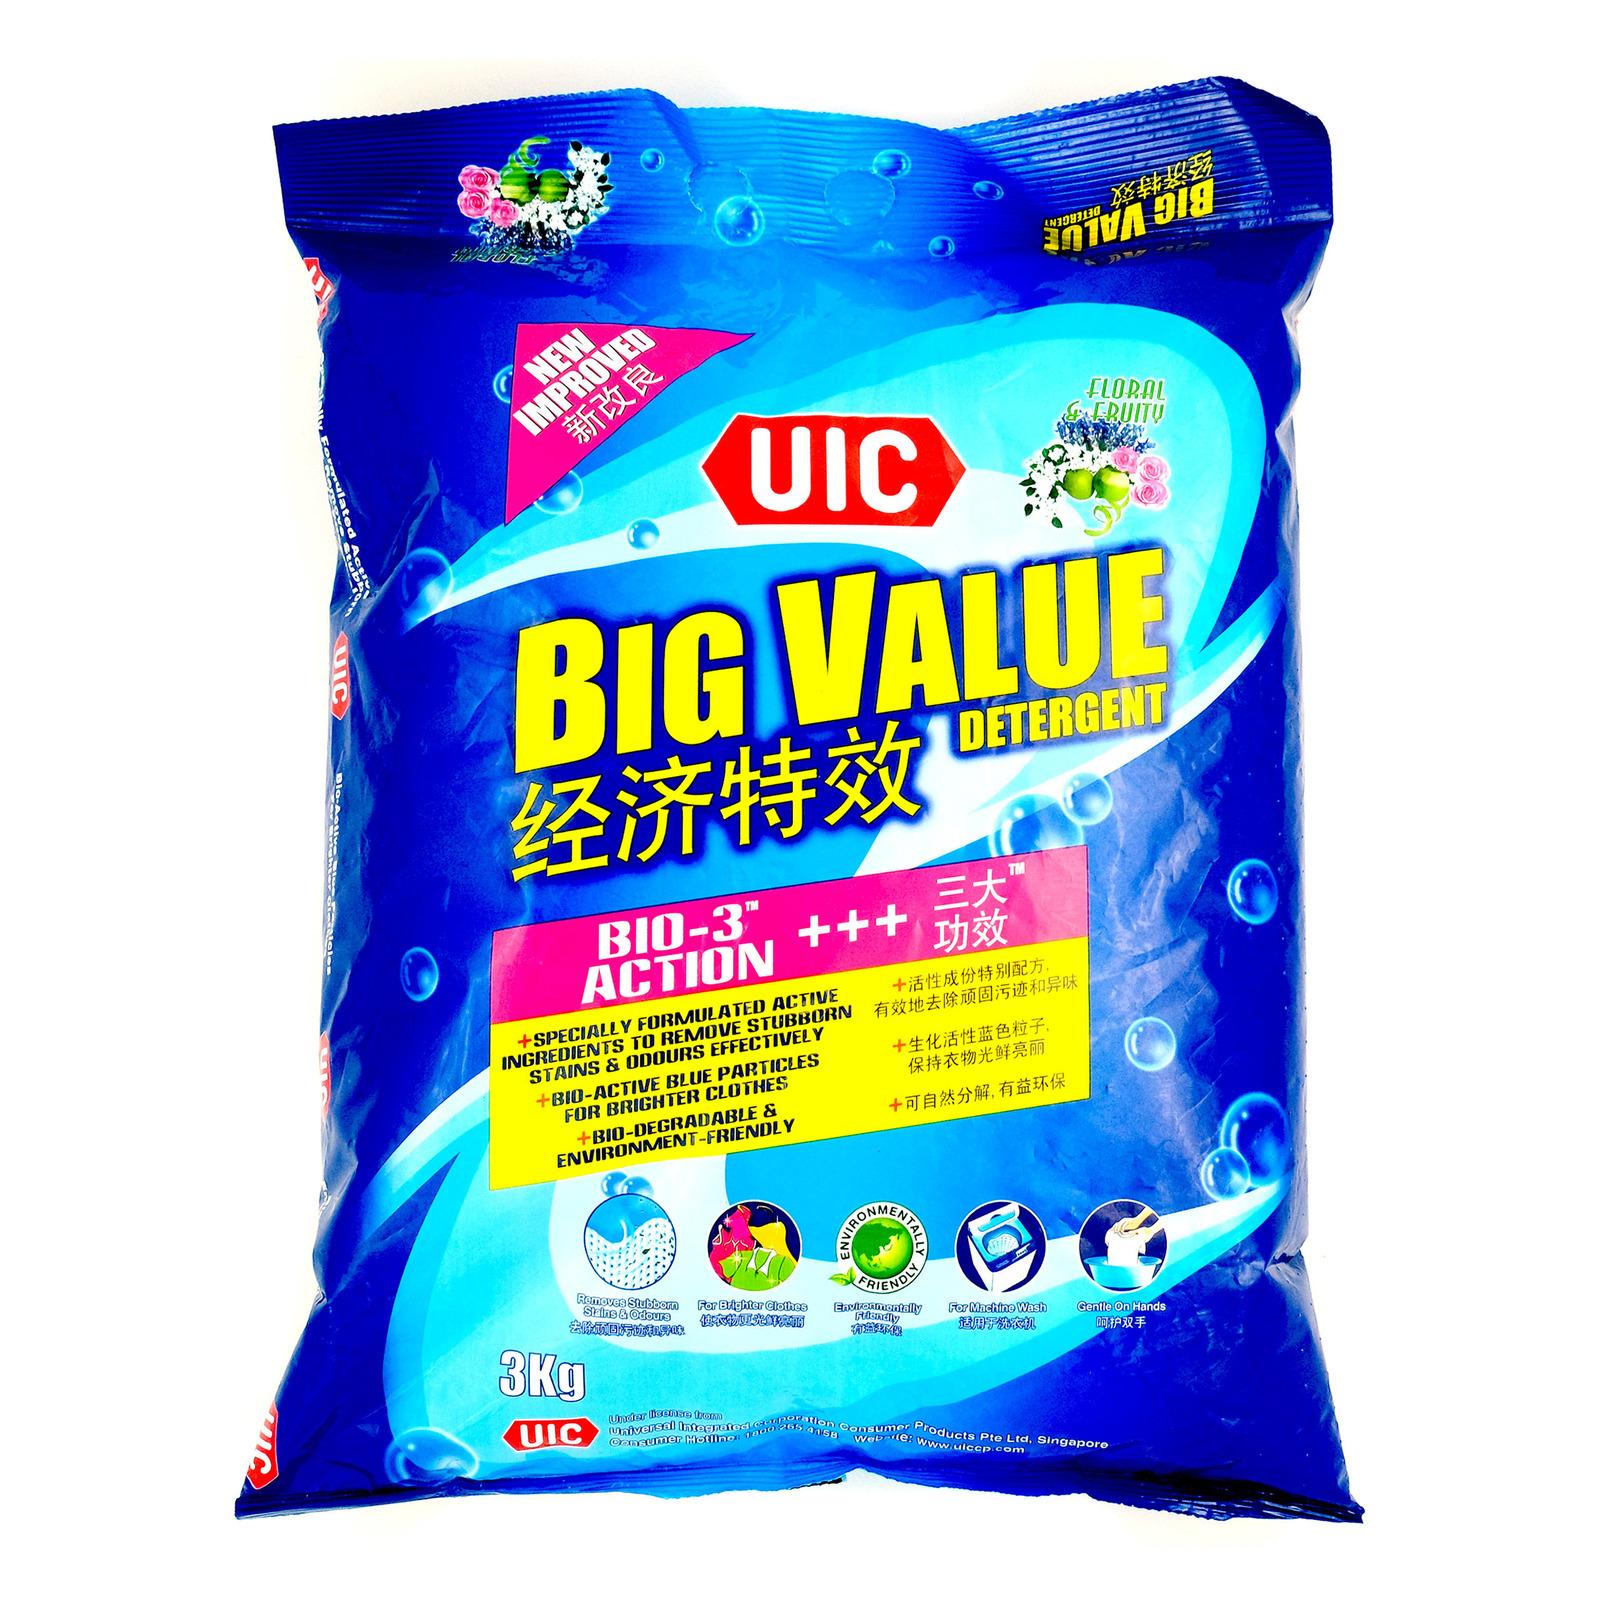 UIC Big Value Detergent Powder - Regular (Floral Fruity)